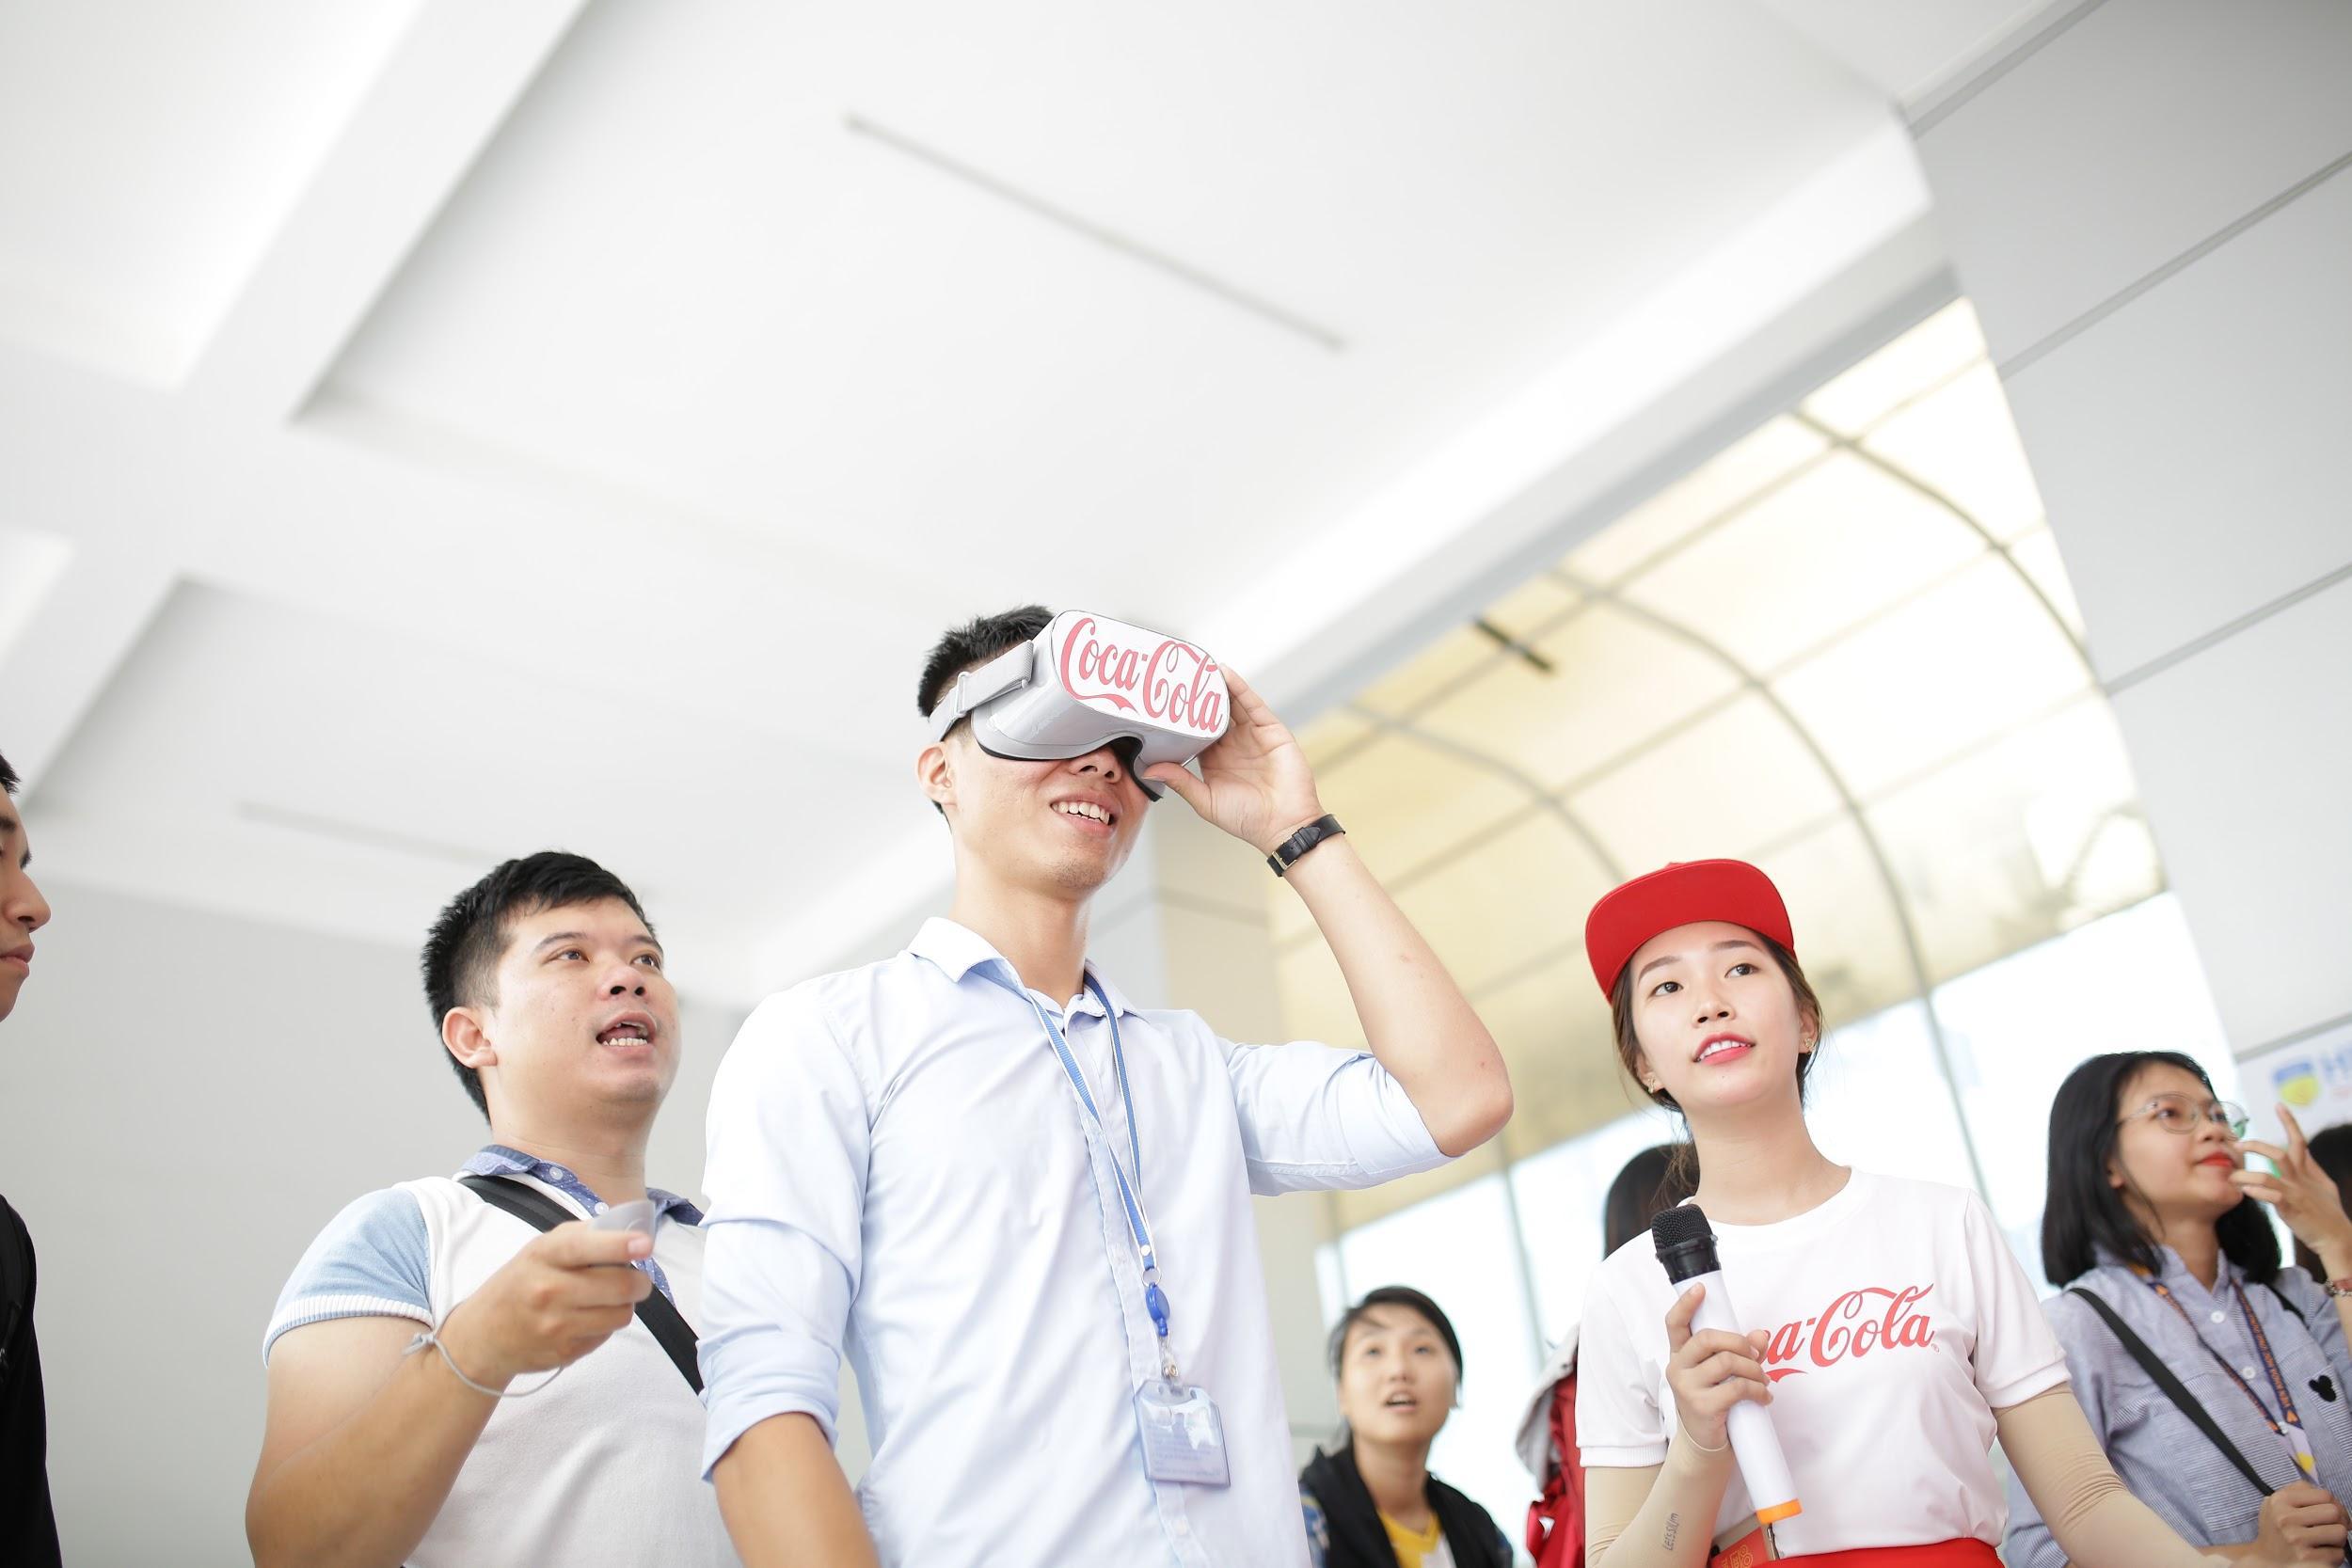 """Loạt ảnh rạng ngời của sinh viên trong sự kiện """"Cùng Coca-Cola tri ân thầy cô"""" - Ảnh 3."""